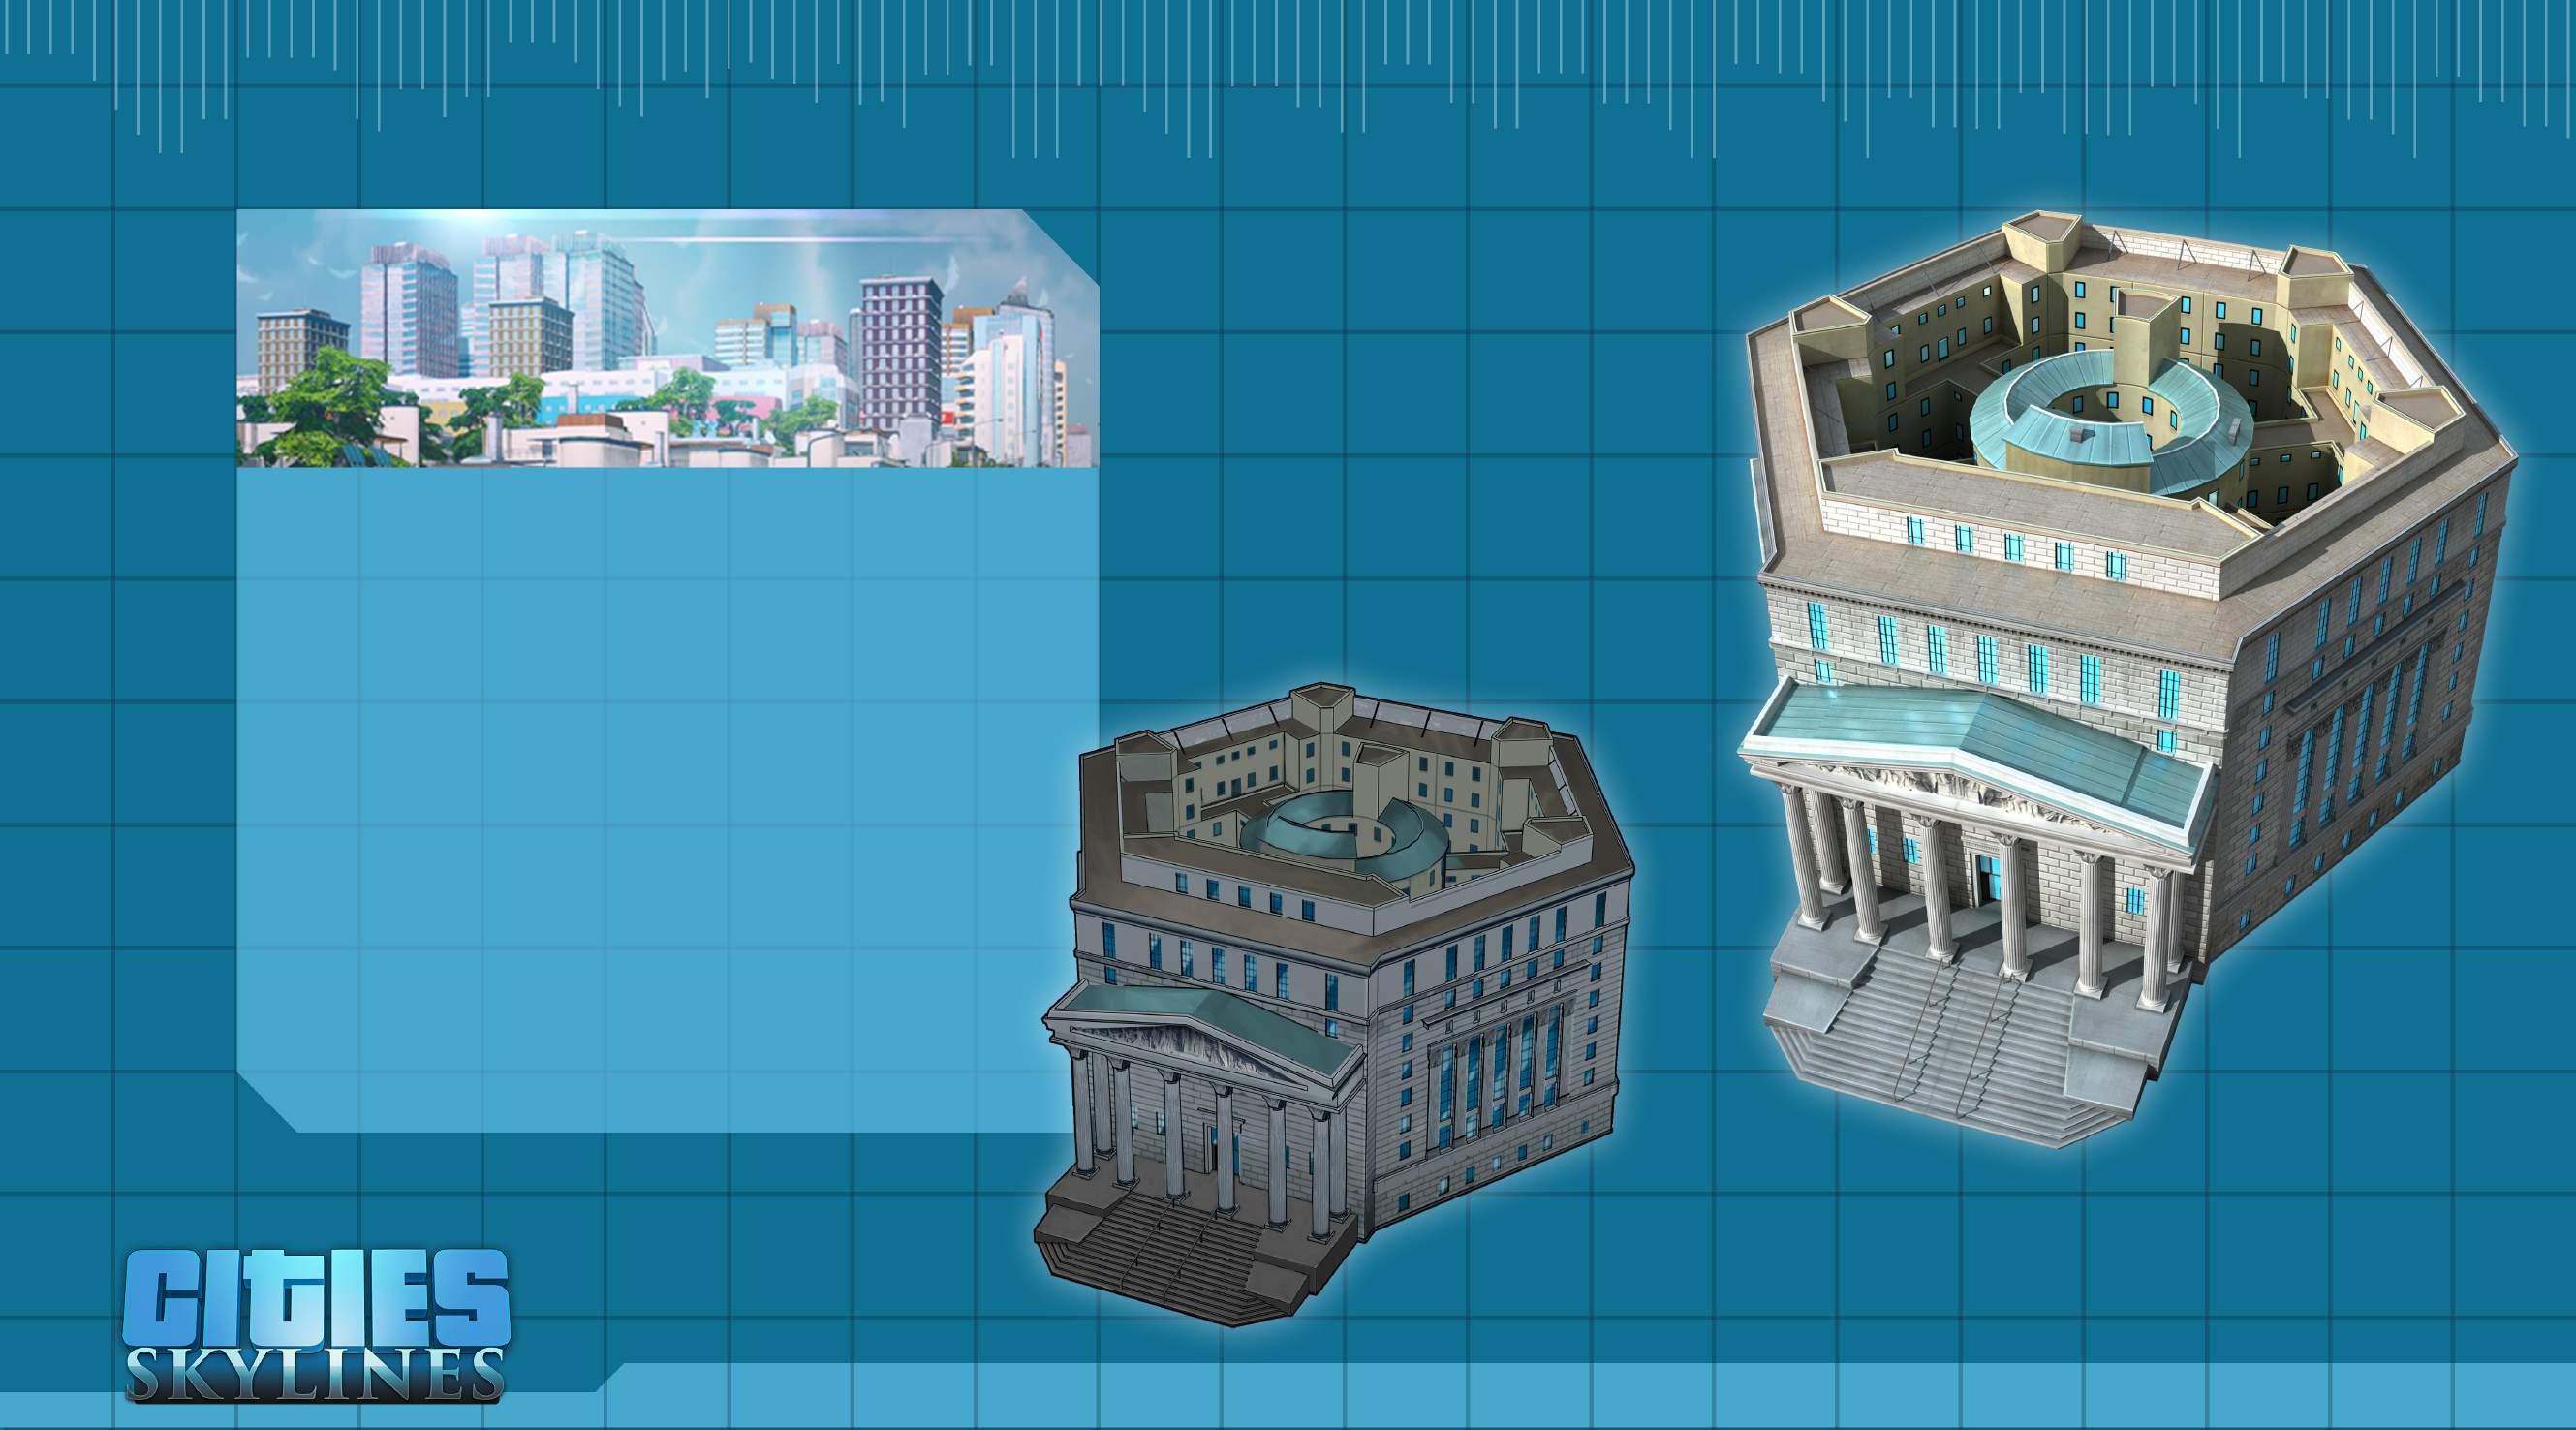 03 - Cities: Skylines